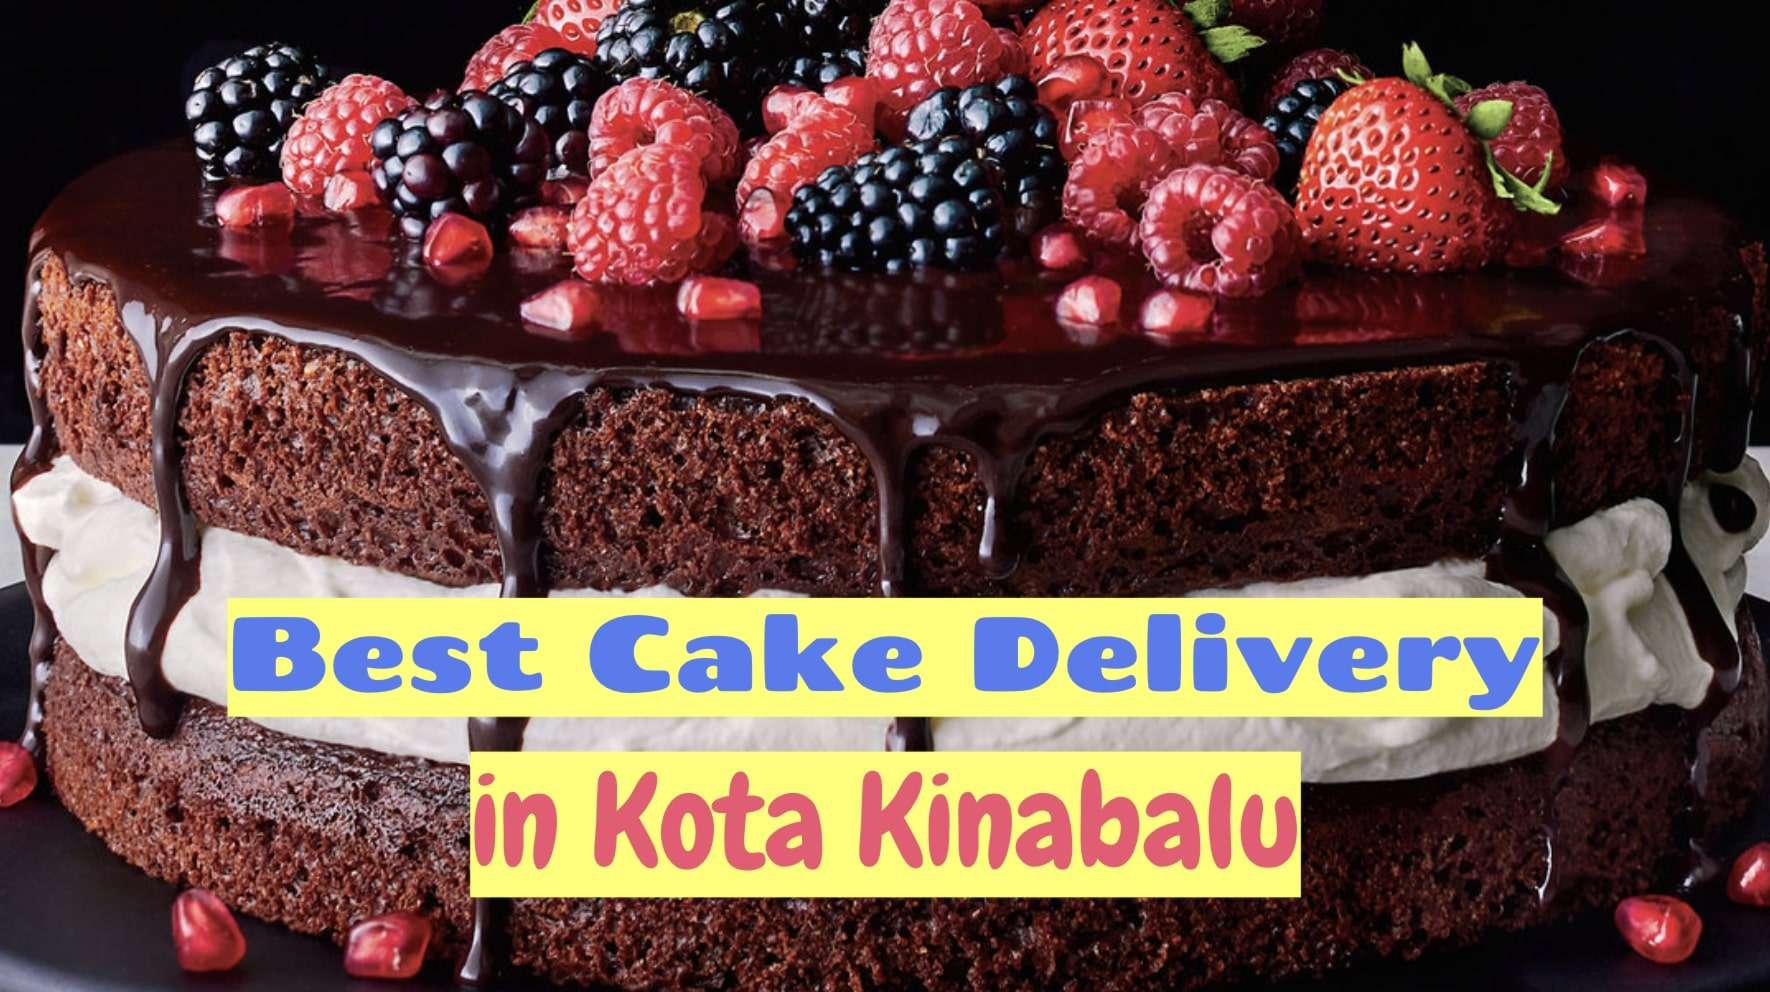 Best Cake Delivery in Kota Kinabalu